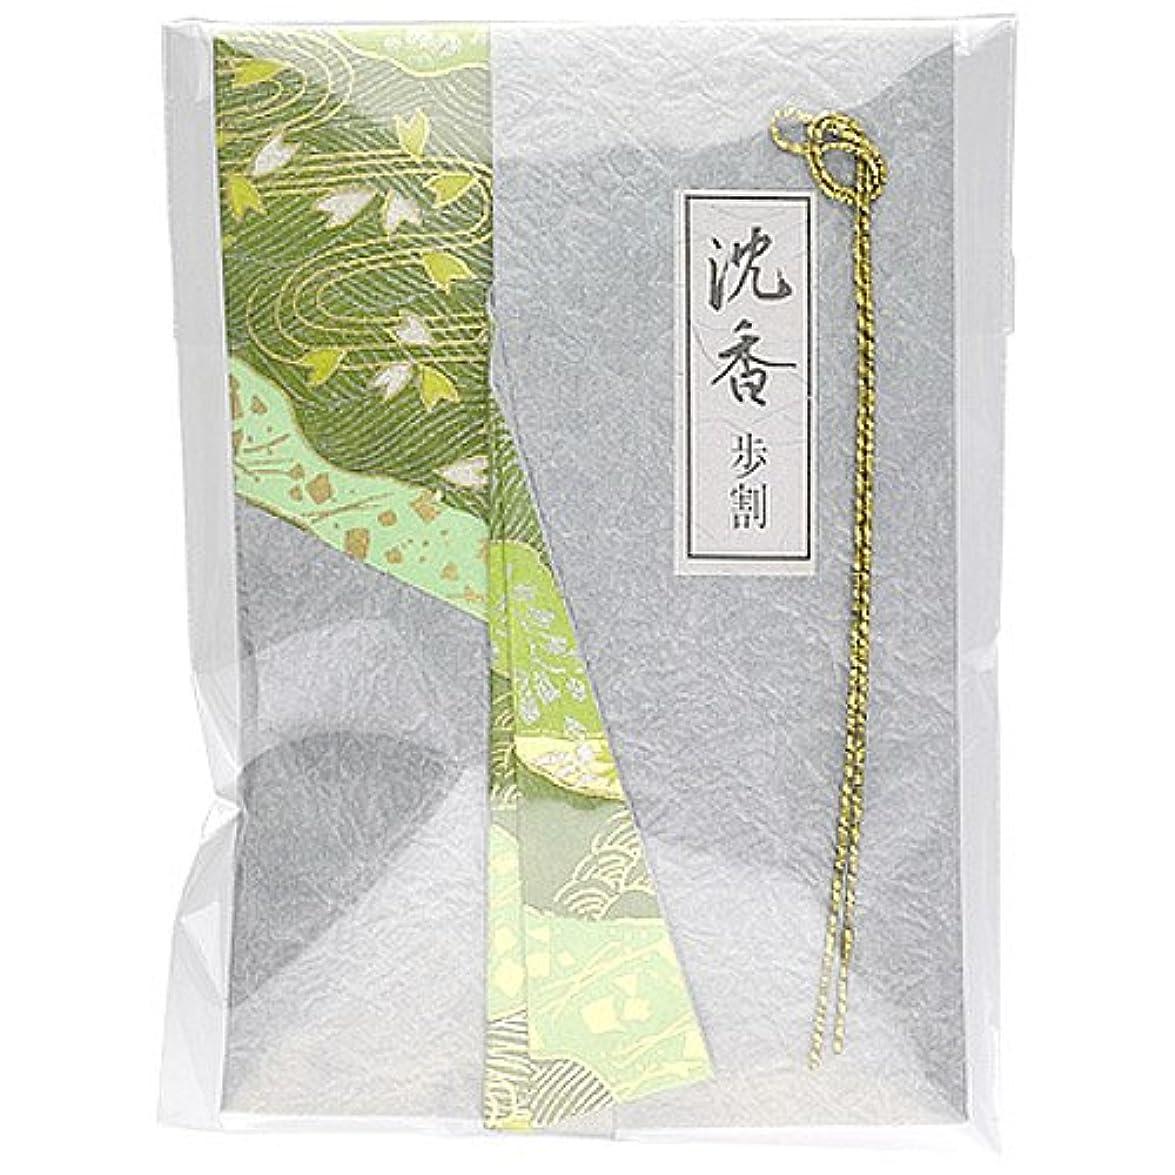 長椅子帝国インシュレータ日本香堂 香木 10g 「沈香 歩割」 4902125426009